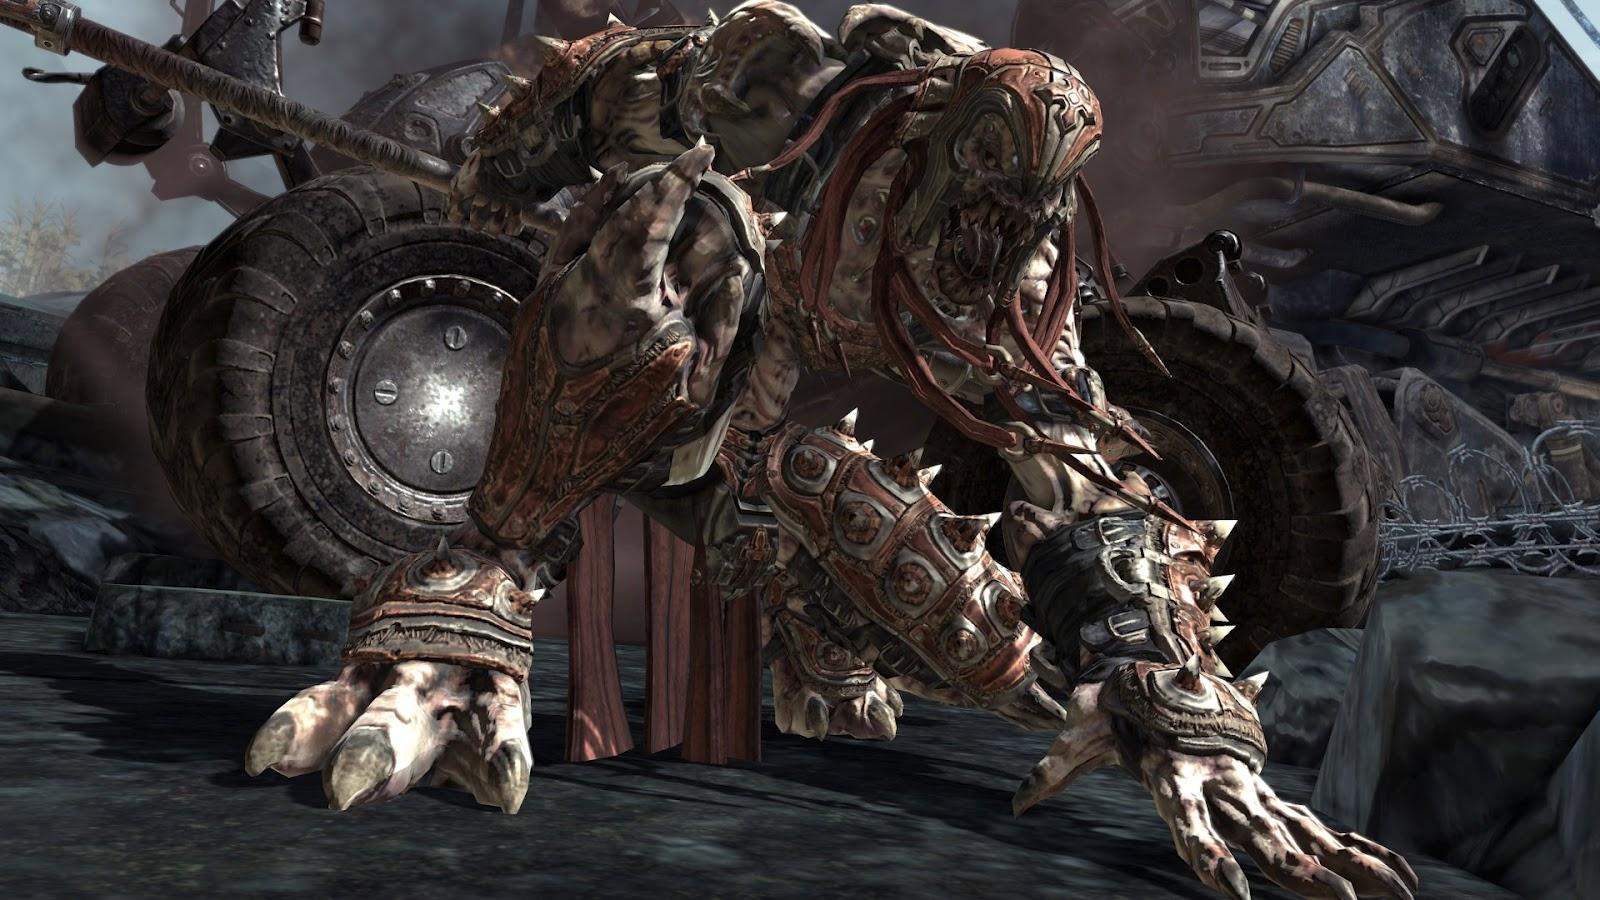 http://2.bp.blogspot.com/--gkE4sZeOfw/UBVs9BR7b1I/AAAAAAAAFds/Yu3dfze1NfI/s1600/Gears-Of-War-2-Monster-Wallpaper.jpg